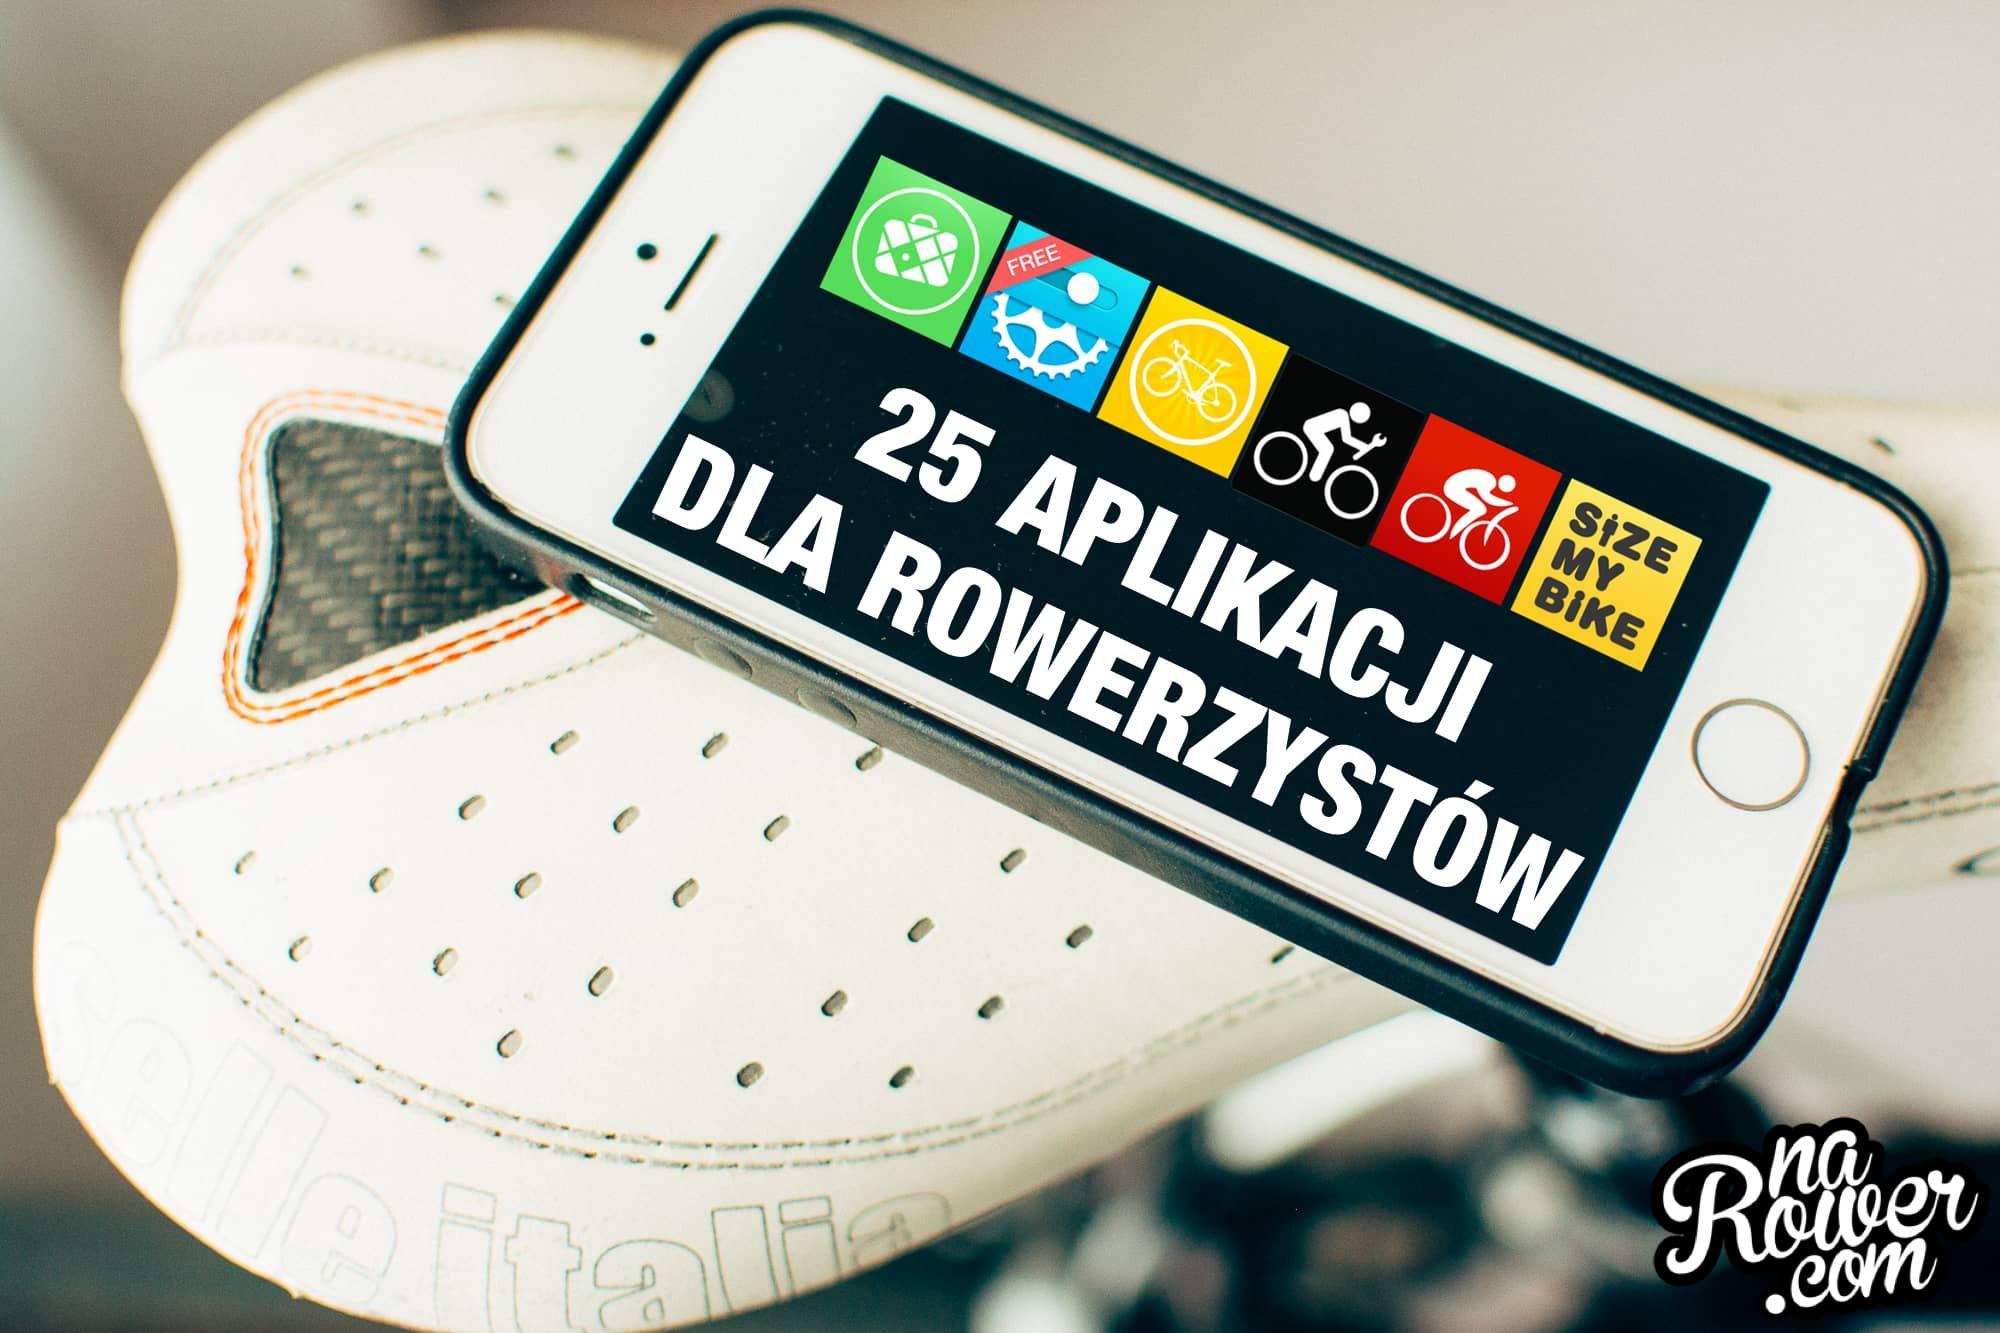 Aplikacje dla rowerzystów które ułatwiają życie - 25 aplikacji